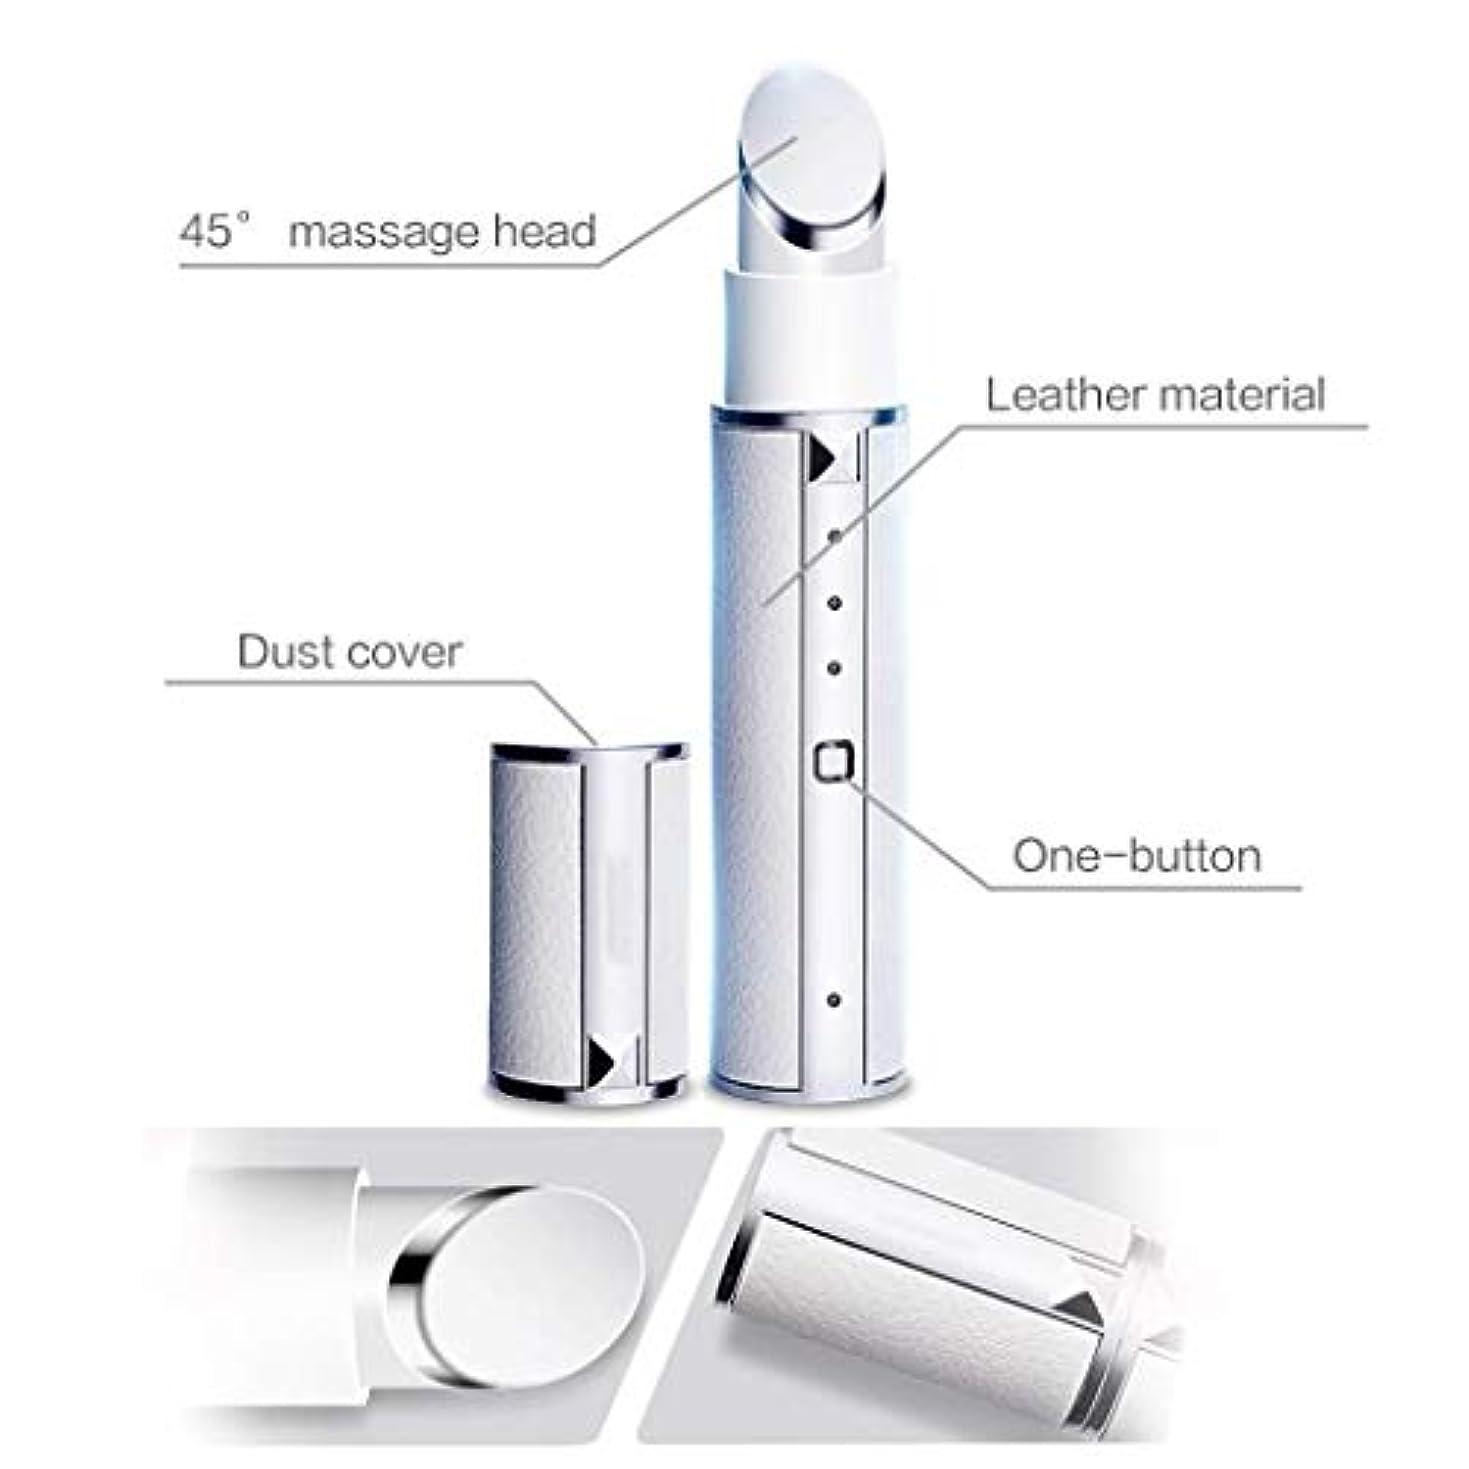 前者スリッパブラジャーマッサージャー、42℃恒温電気アイマッサージケアデバイス、顔の健康と美容ツール、顔に適して、額、首のリフト、しっかりした肌、しわを減らす、持ち運びが簡単